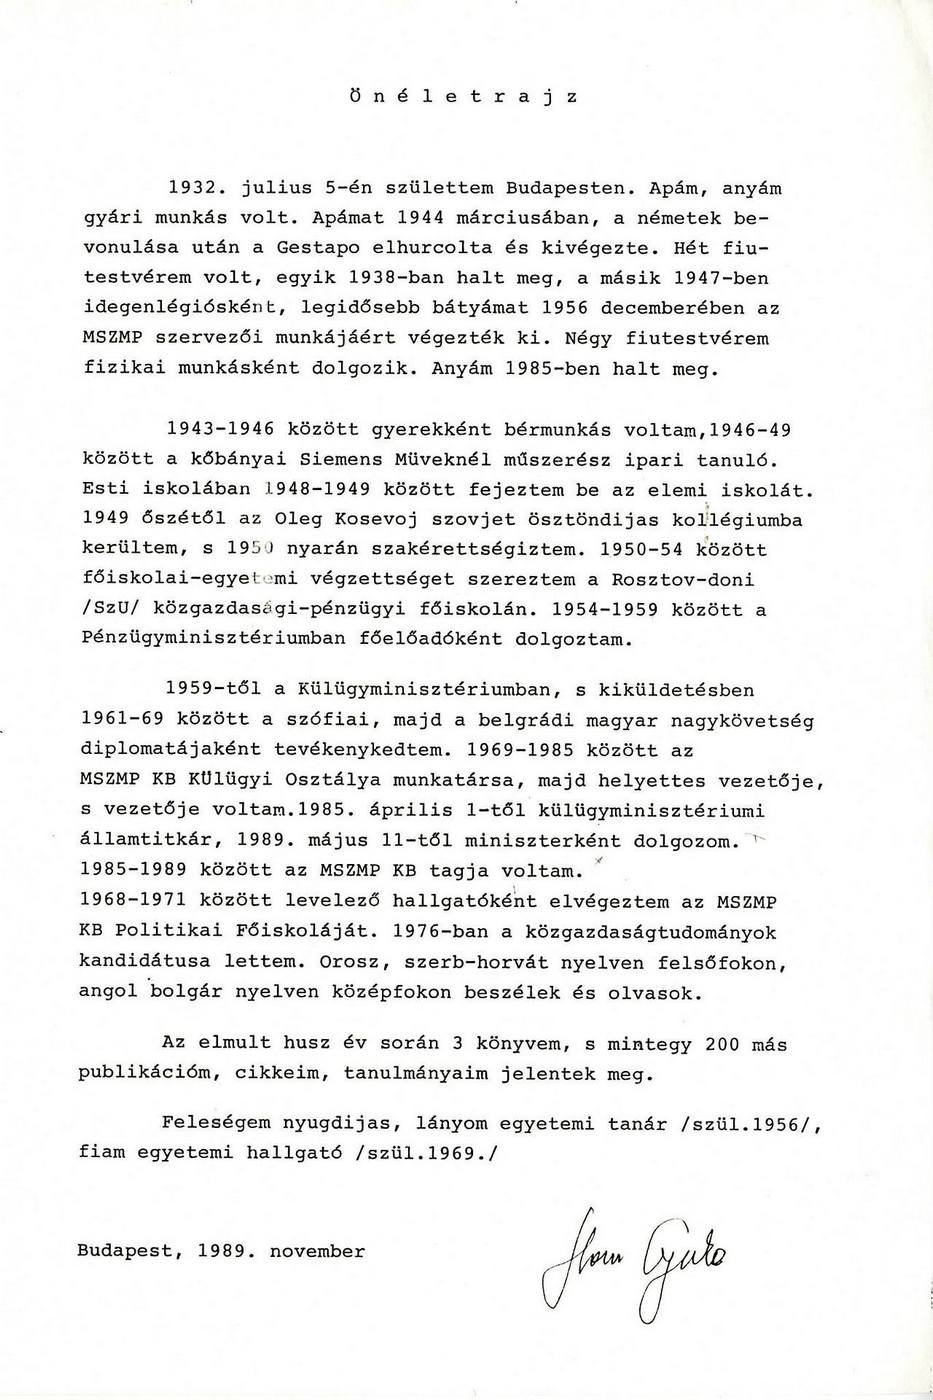 1989. Horn Gyula önéletrajza..jpg